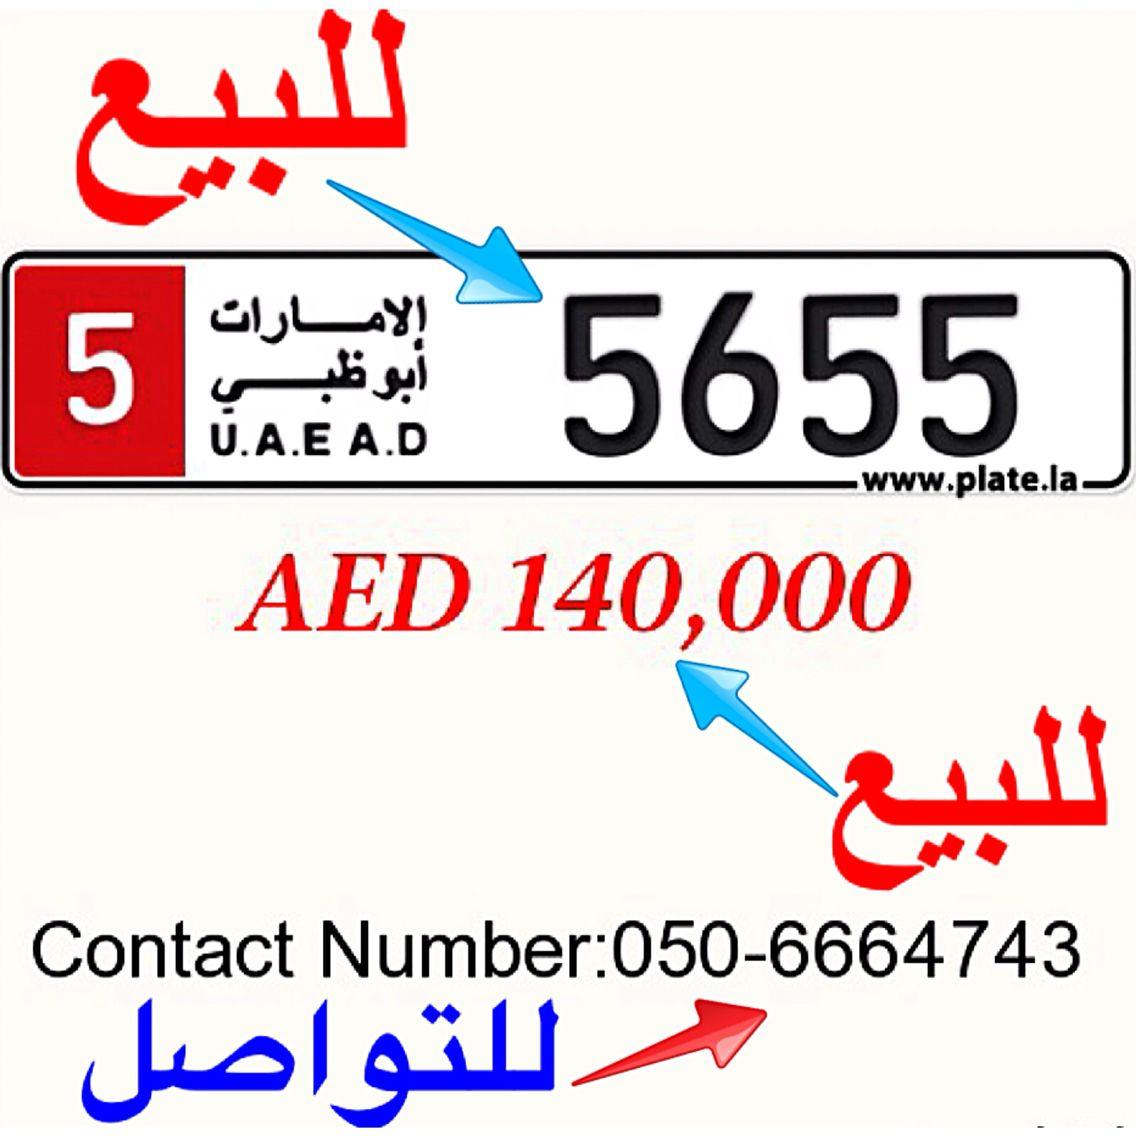 رقم مميز للبيع اعلانvip رقم ارقام الواتساب Uae4cars2u متجر الاعلان برعاية Questfuj Questfuj الام Novelty Sign Ads Math